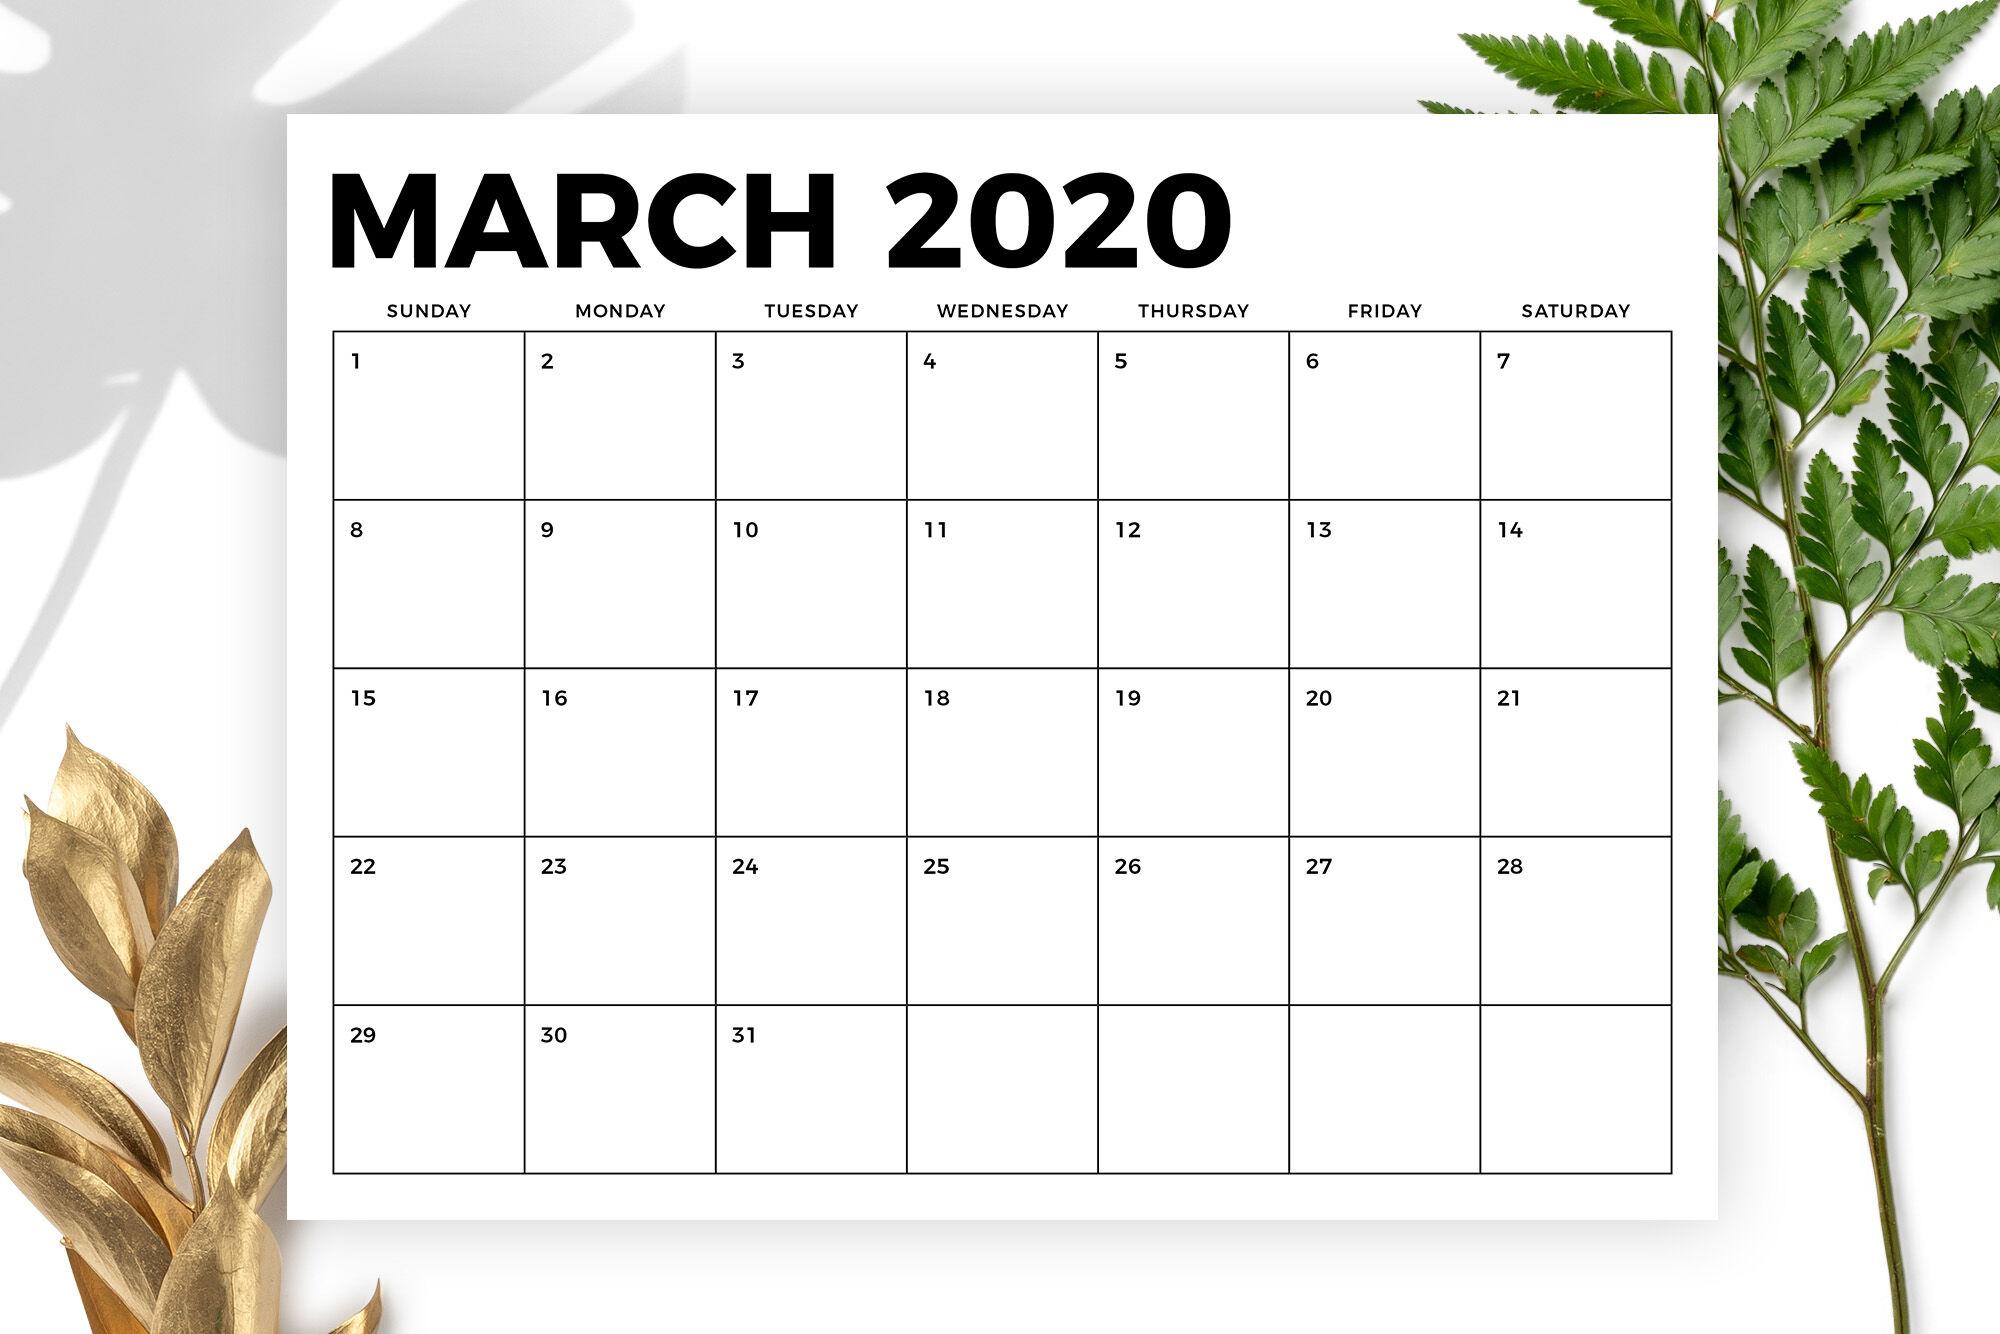 8.5 X 11 Inch Bold 2020 Calendarrunning With Foxes regarding 8.5 X 11 Calendar Template